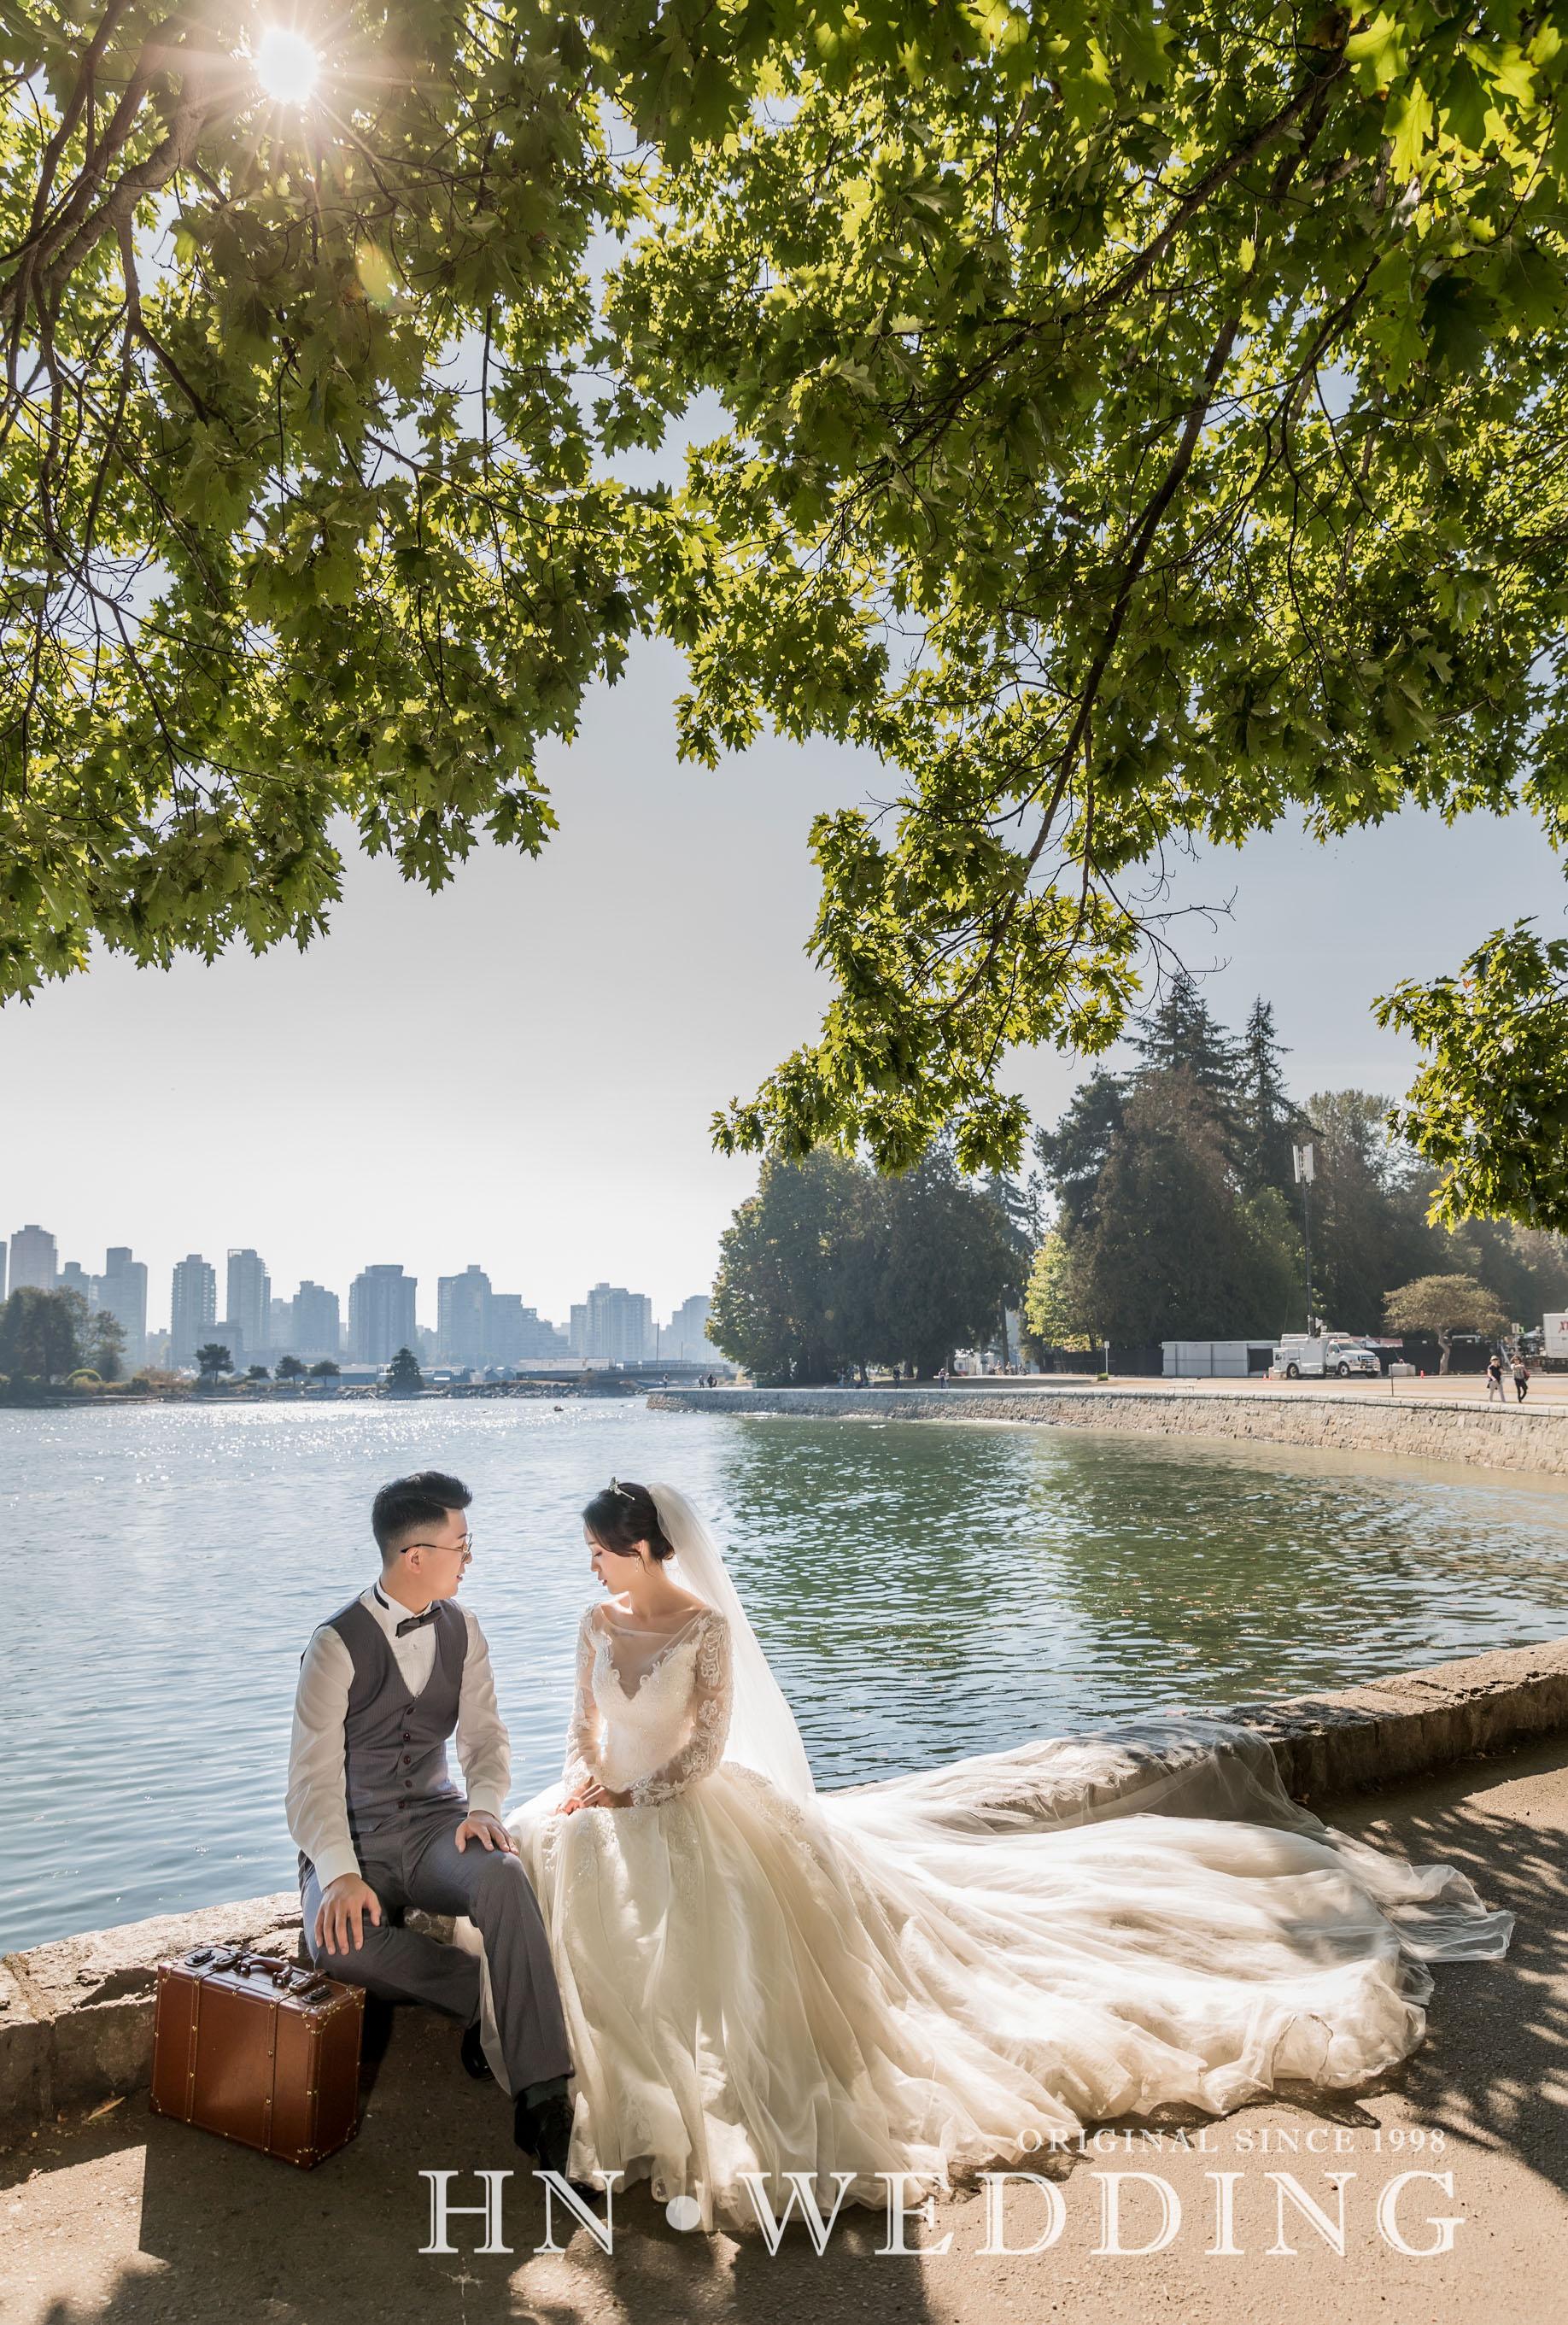 hnweddingprewedding0905--13.jpg